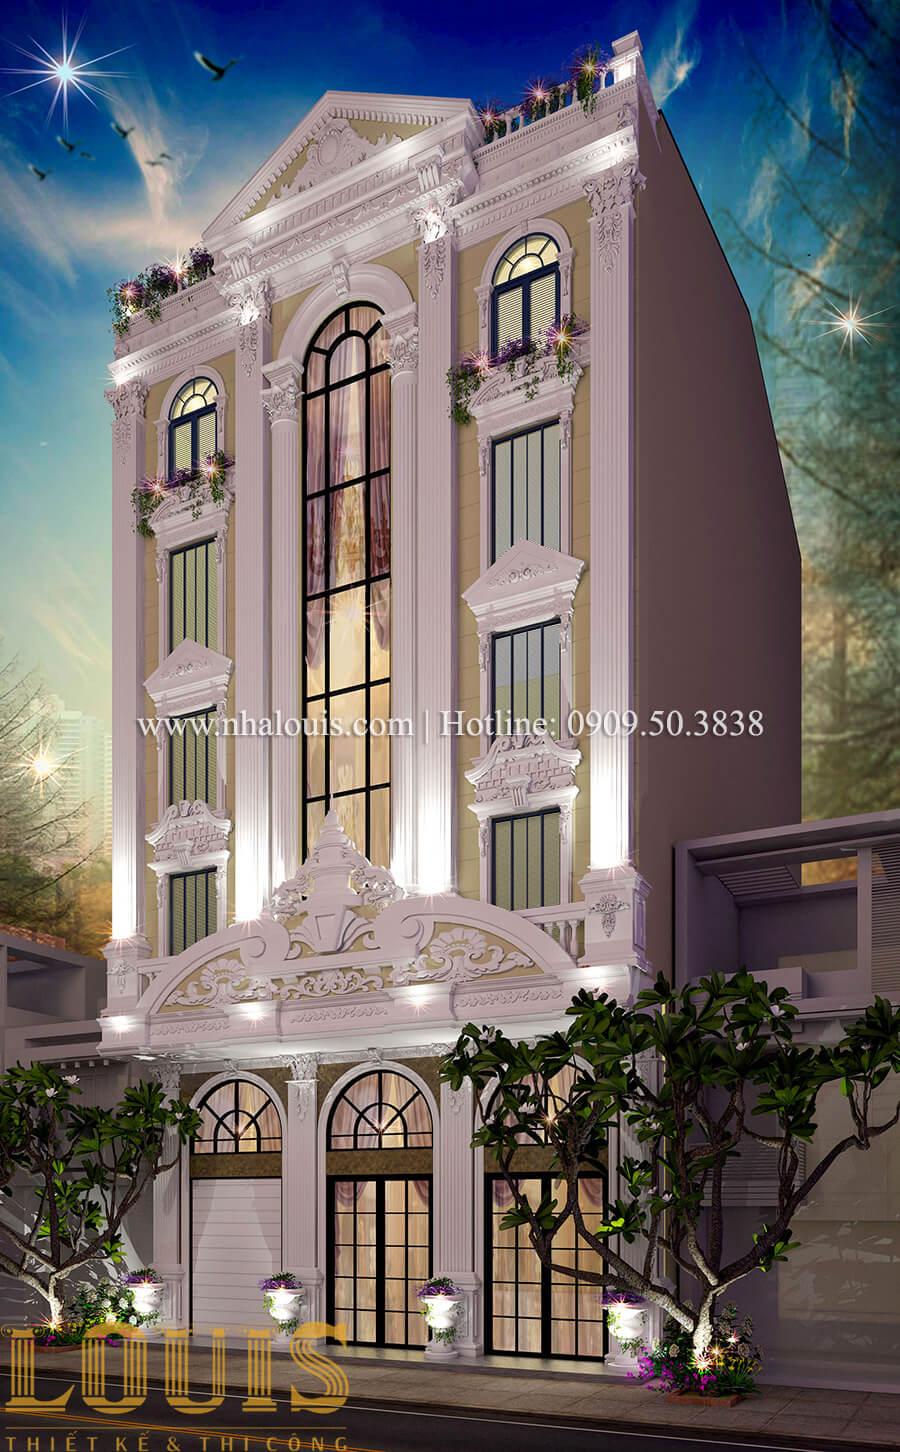 Mặt tiền Thiết kế sửa chữa nhà cũ thành biệt thự sang trọng tại Tân Phú - 06